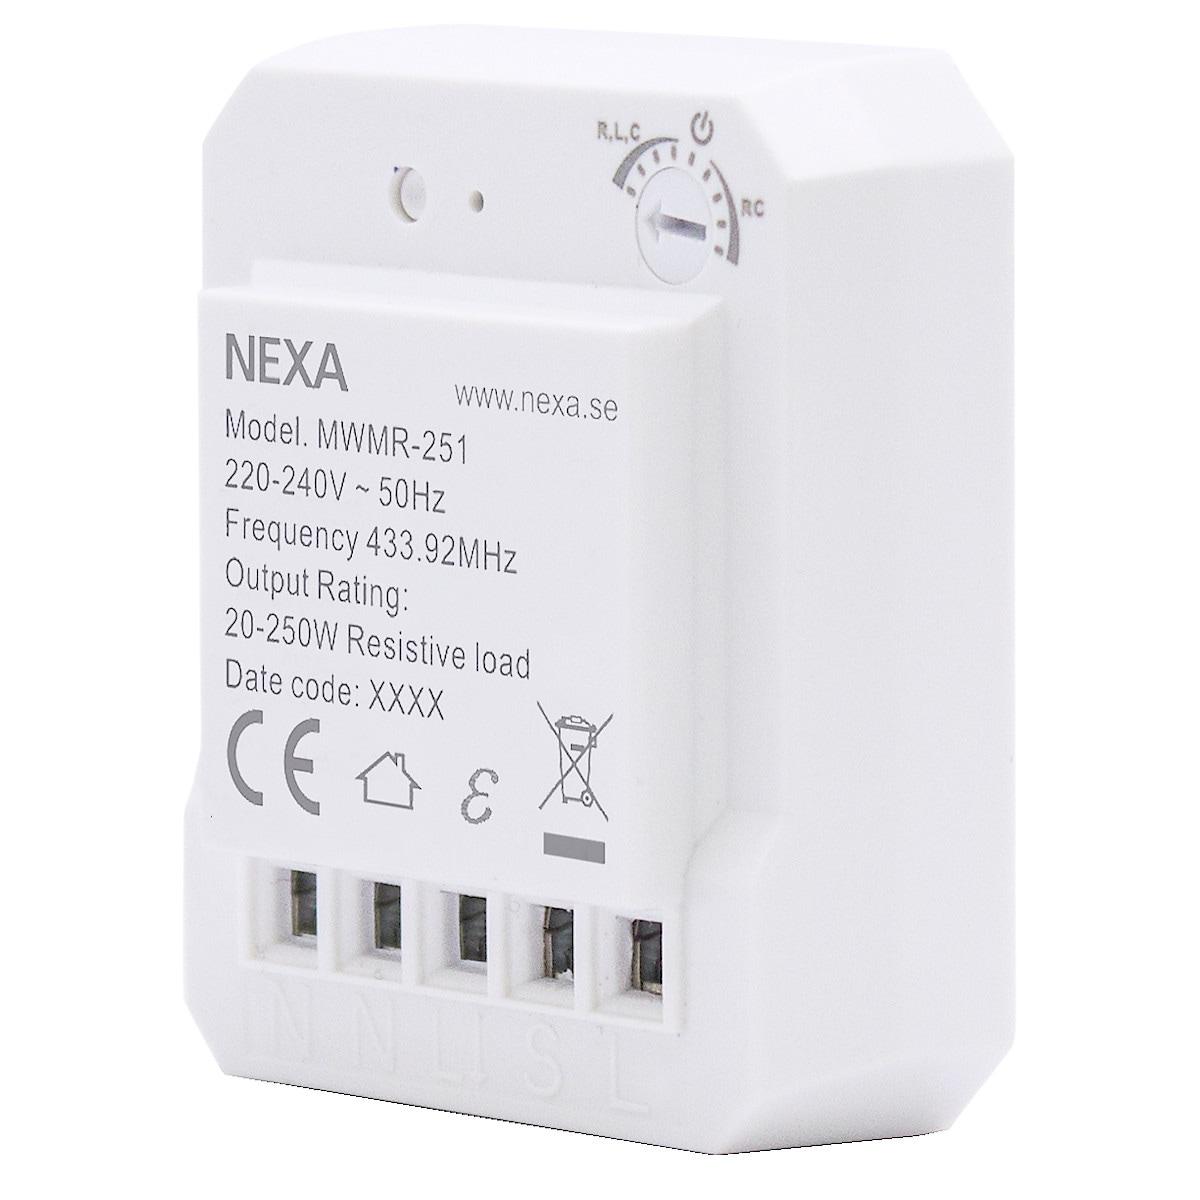 Nexa MWMR-251 Build-in Dimmer Receiver